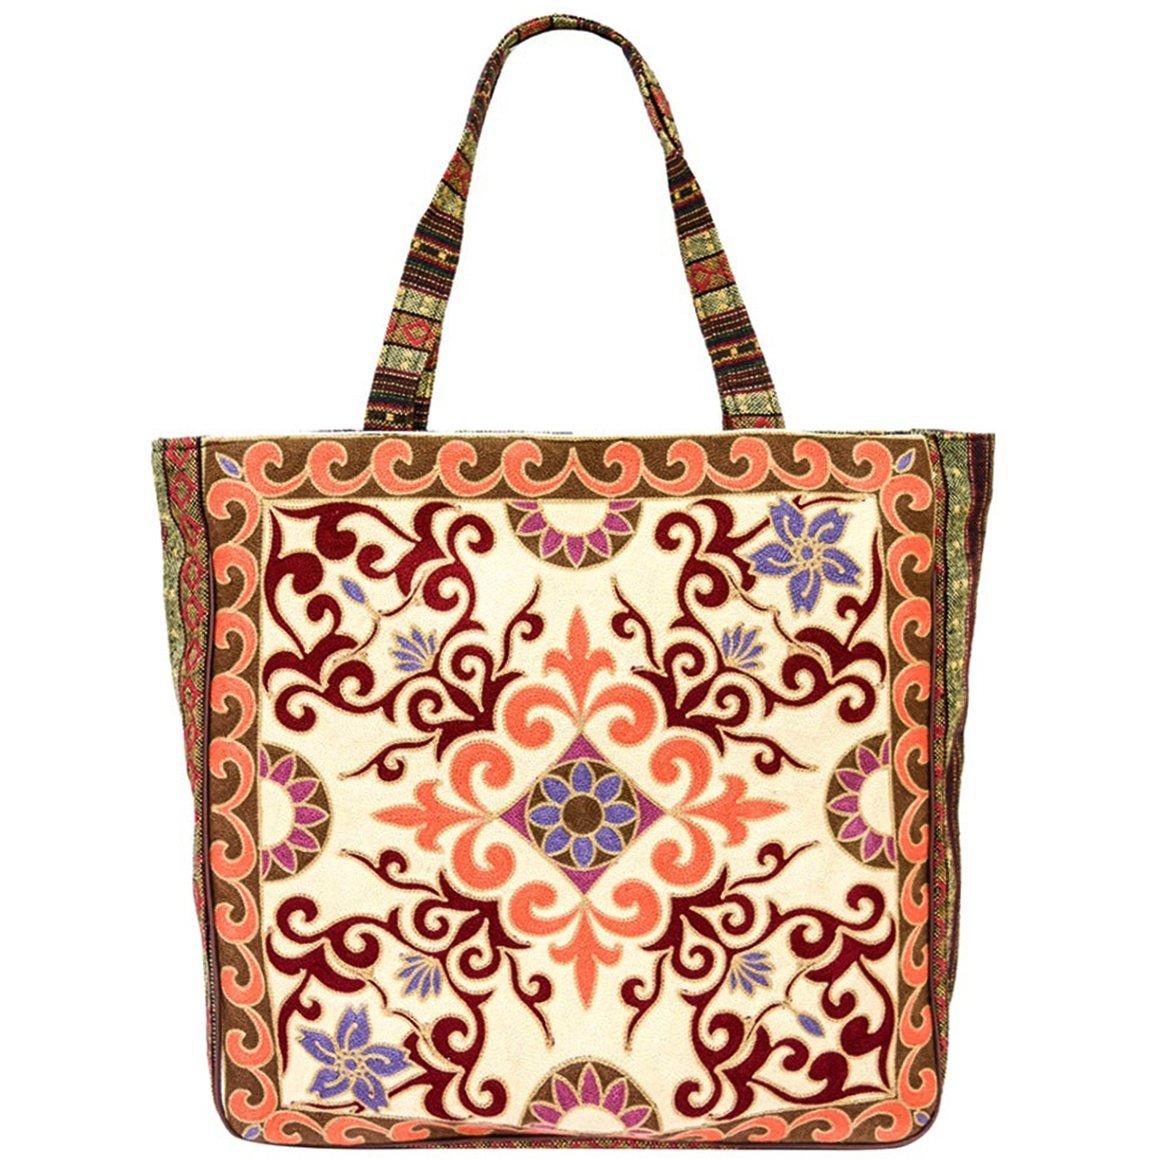 Vintage Bohemian Summer Embroidered Large Tote Bag Tapestry Shoulder Bag Women Handbag (Beige&baby pink)